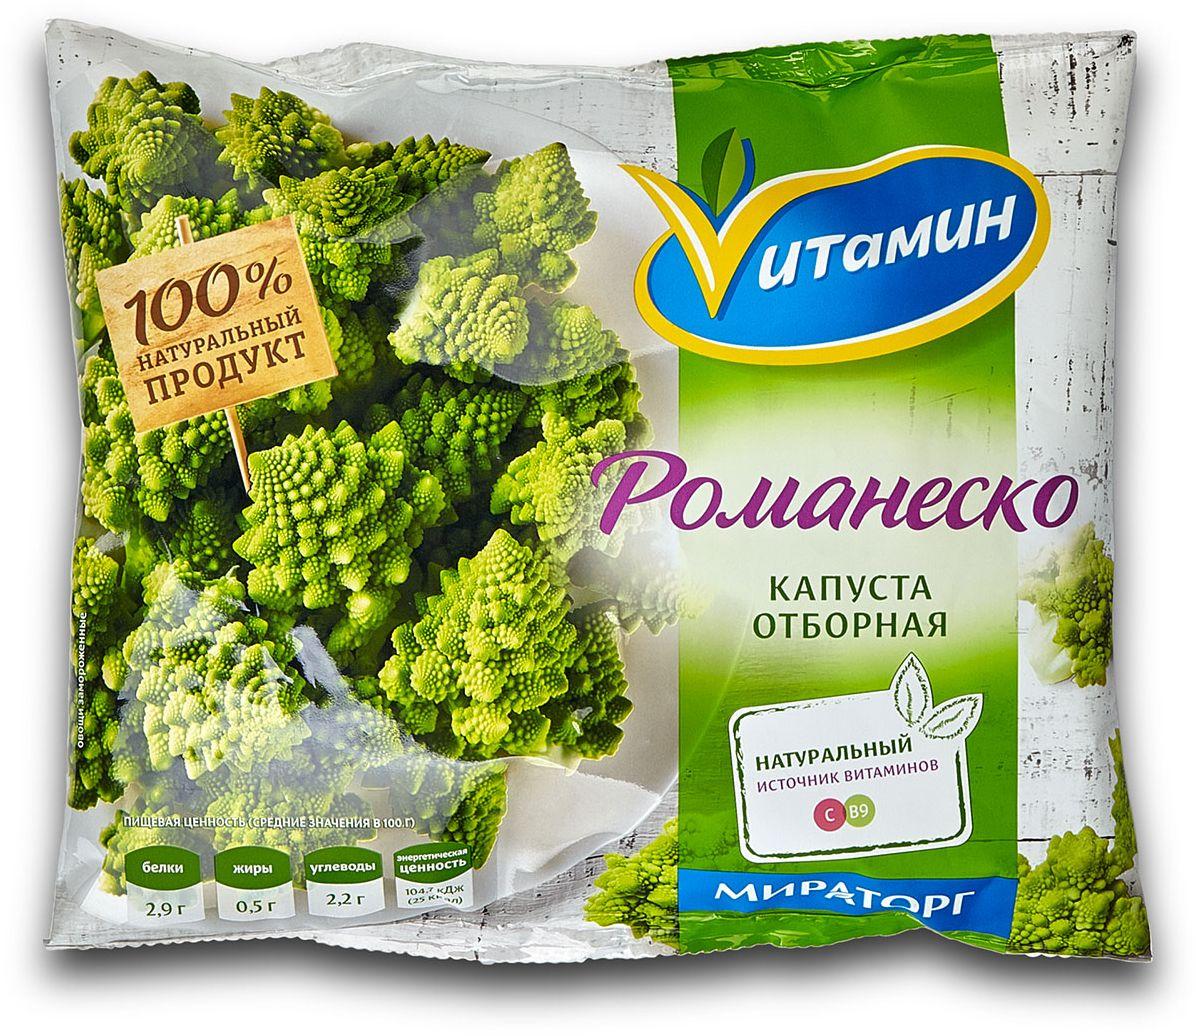 Капуста Романеско Vитамин, 400 г шницель с картофельным пюре под сливочно грибным соусом мираторг 350 г